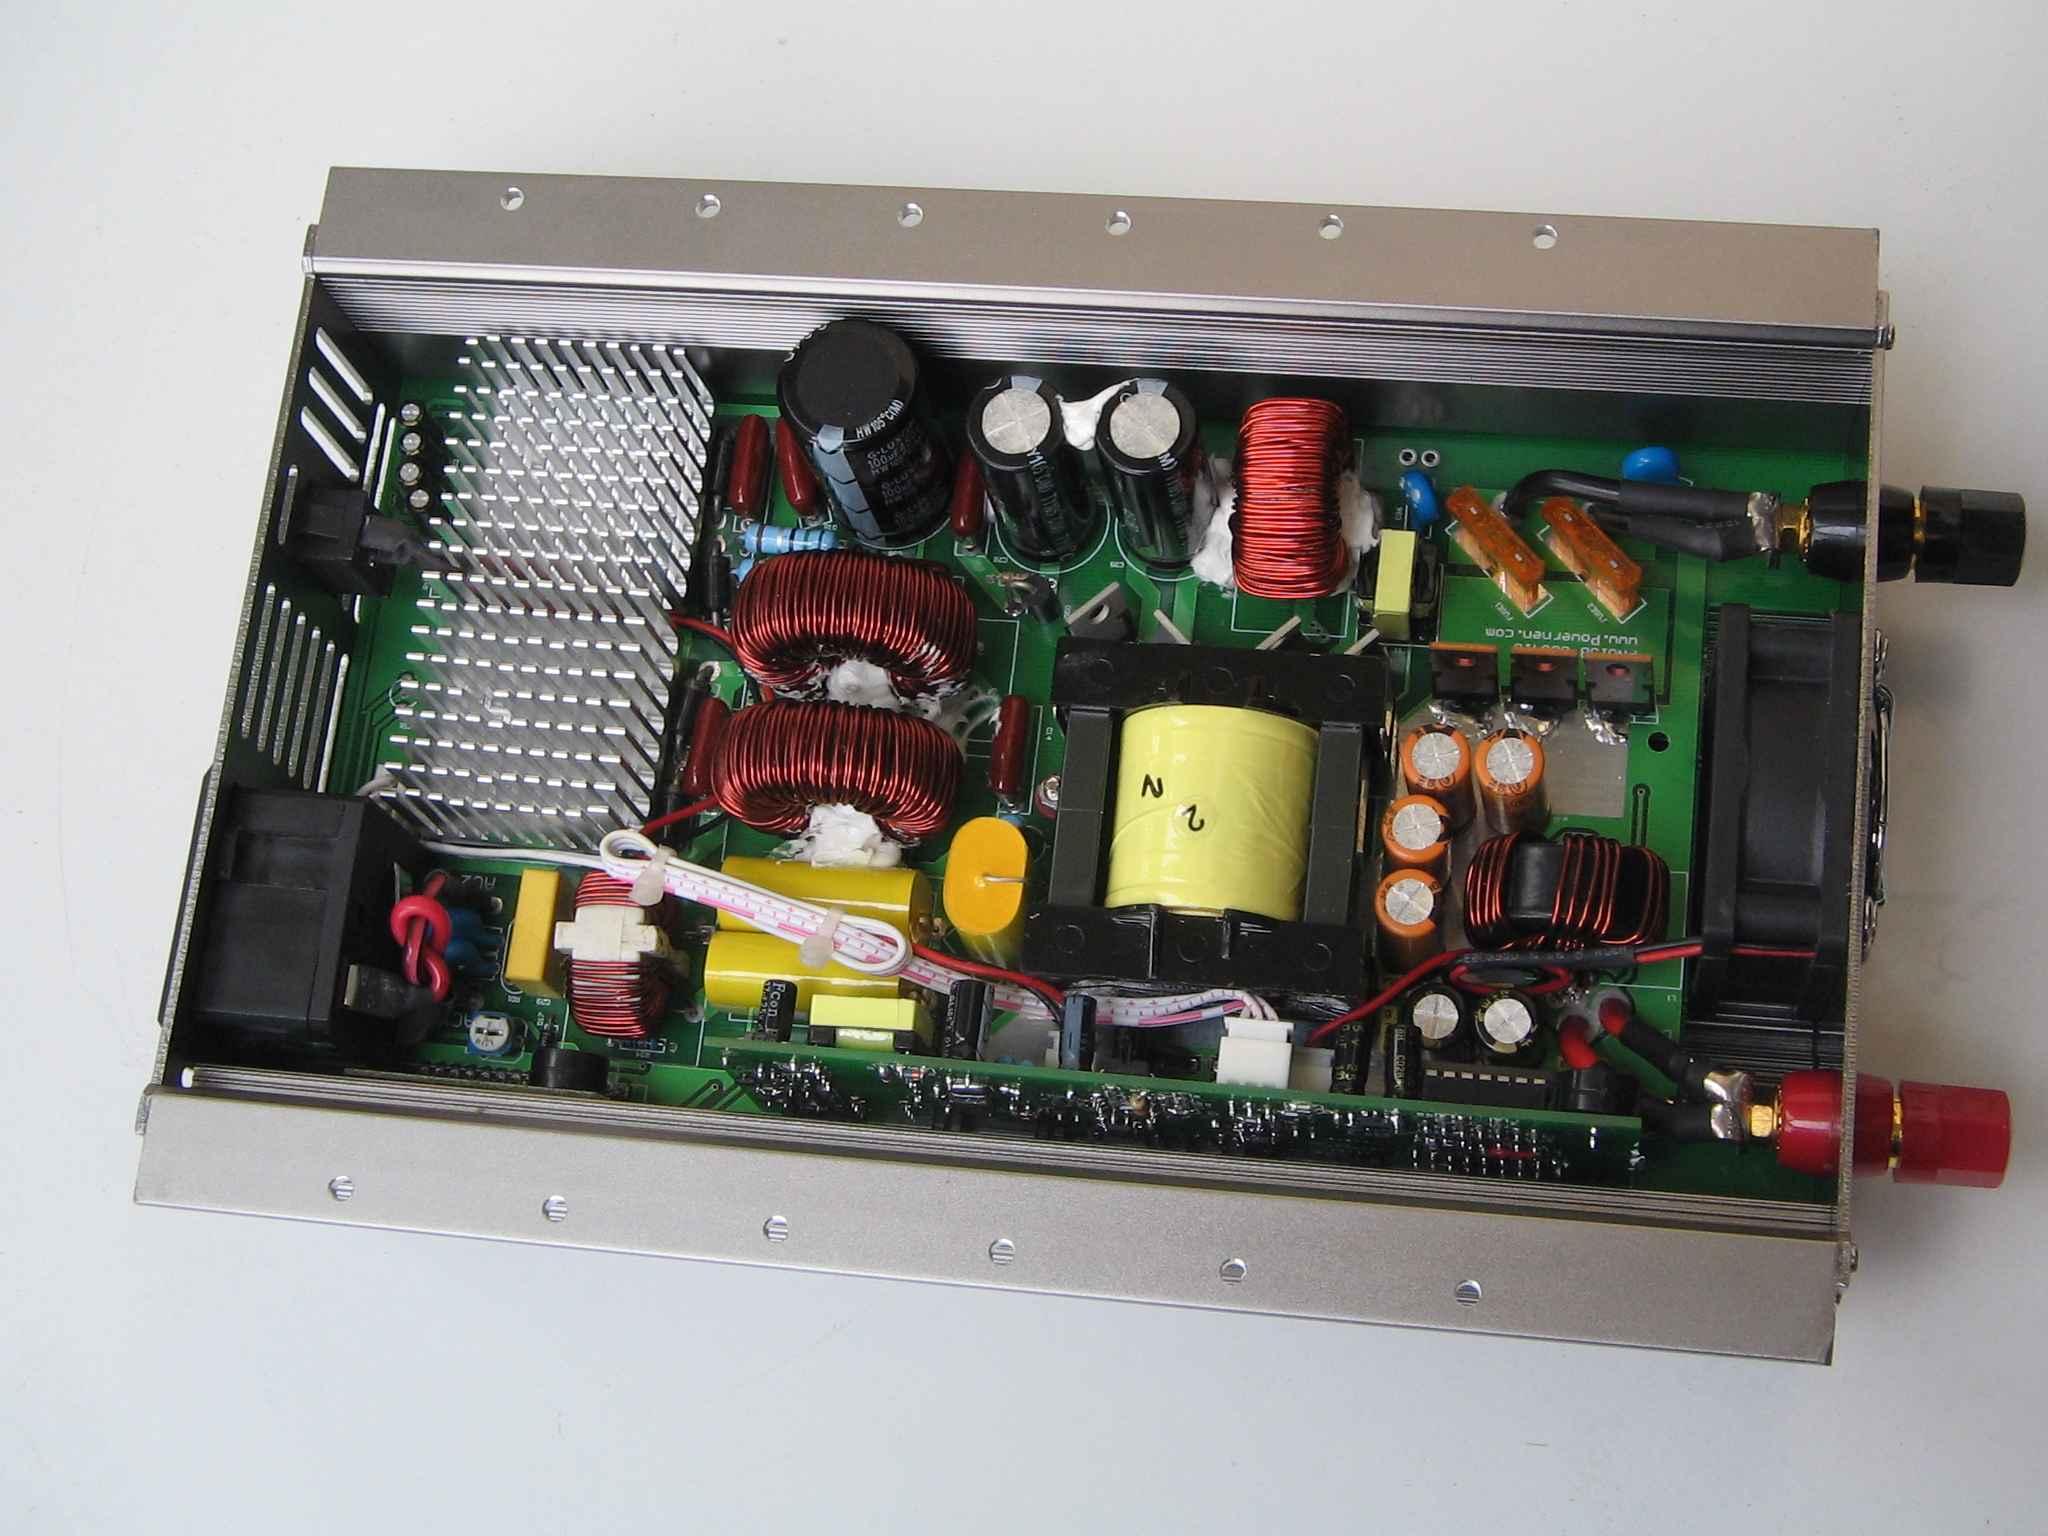 这两张是冰箱压缩机在还带有压力的情况下启动的电压和电流的波形.(由于测试时没有注意,电流波形是反相的) 在这种情况下,带13~15秒钟,冰箱压缩机因长时间不能正常启动而自动保护.(注:如用市电给冰箱供电,带压力启动约13秒,冰箱也会自动保护) 500) {this.resized=true; this.width=500; this.